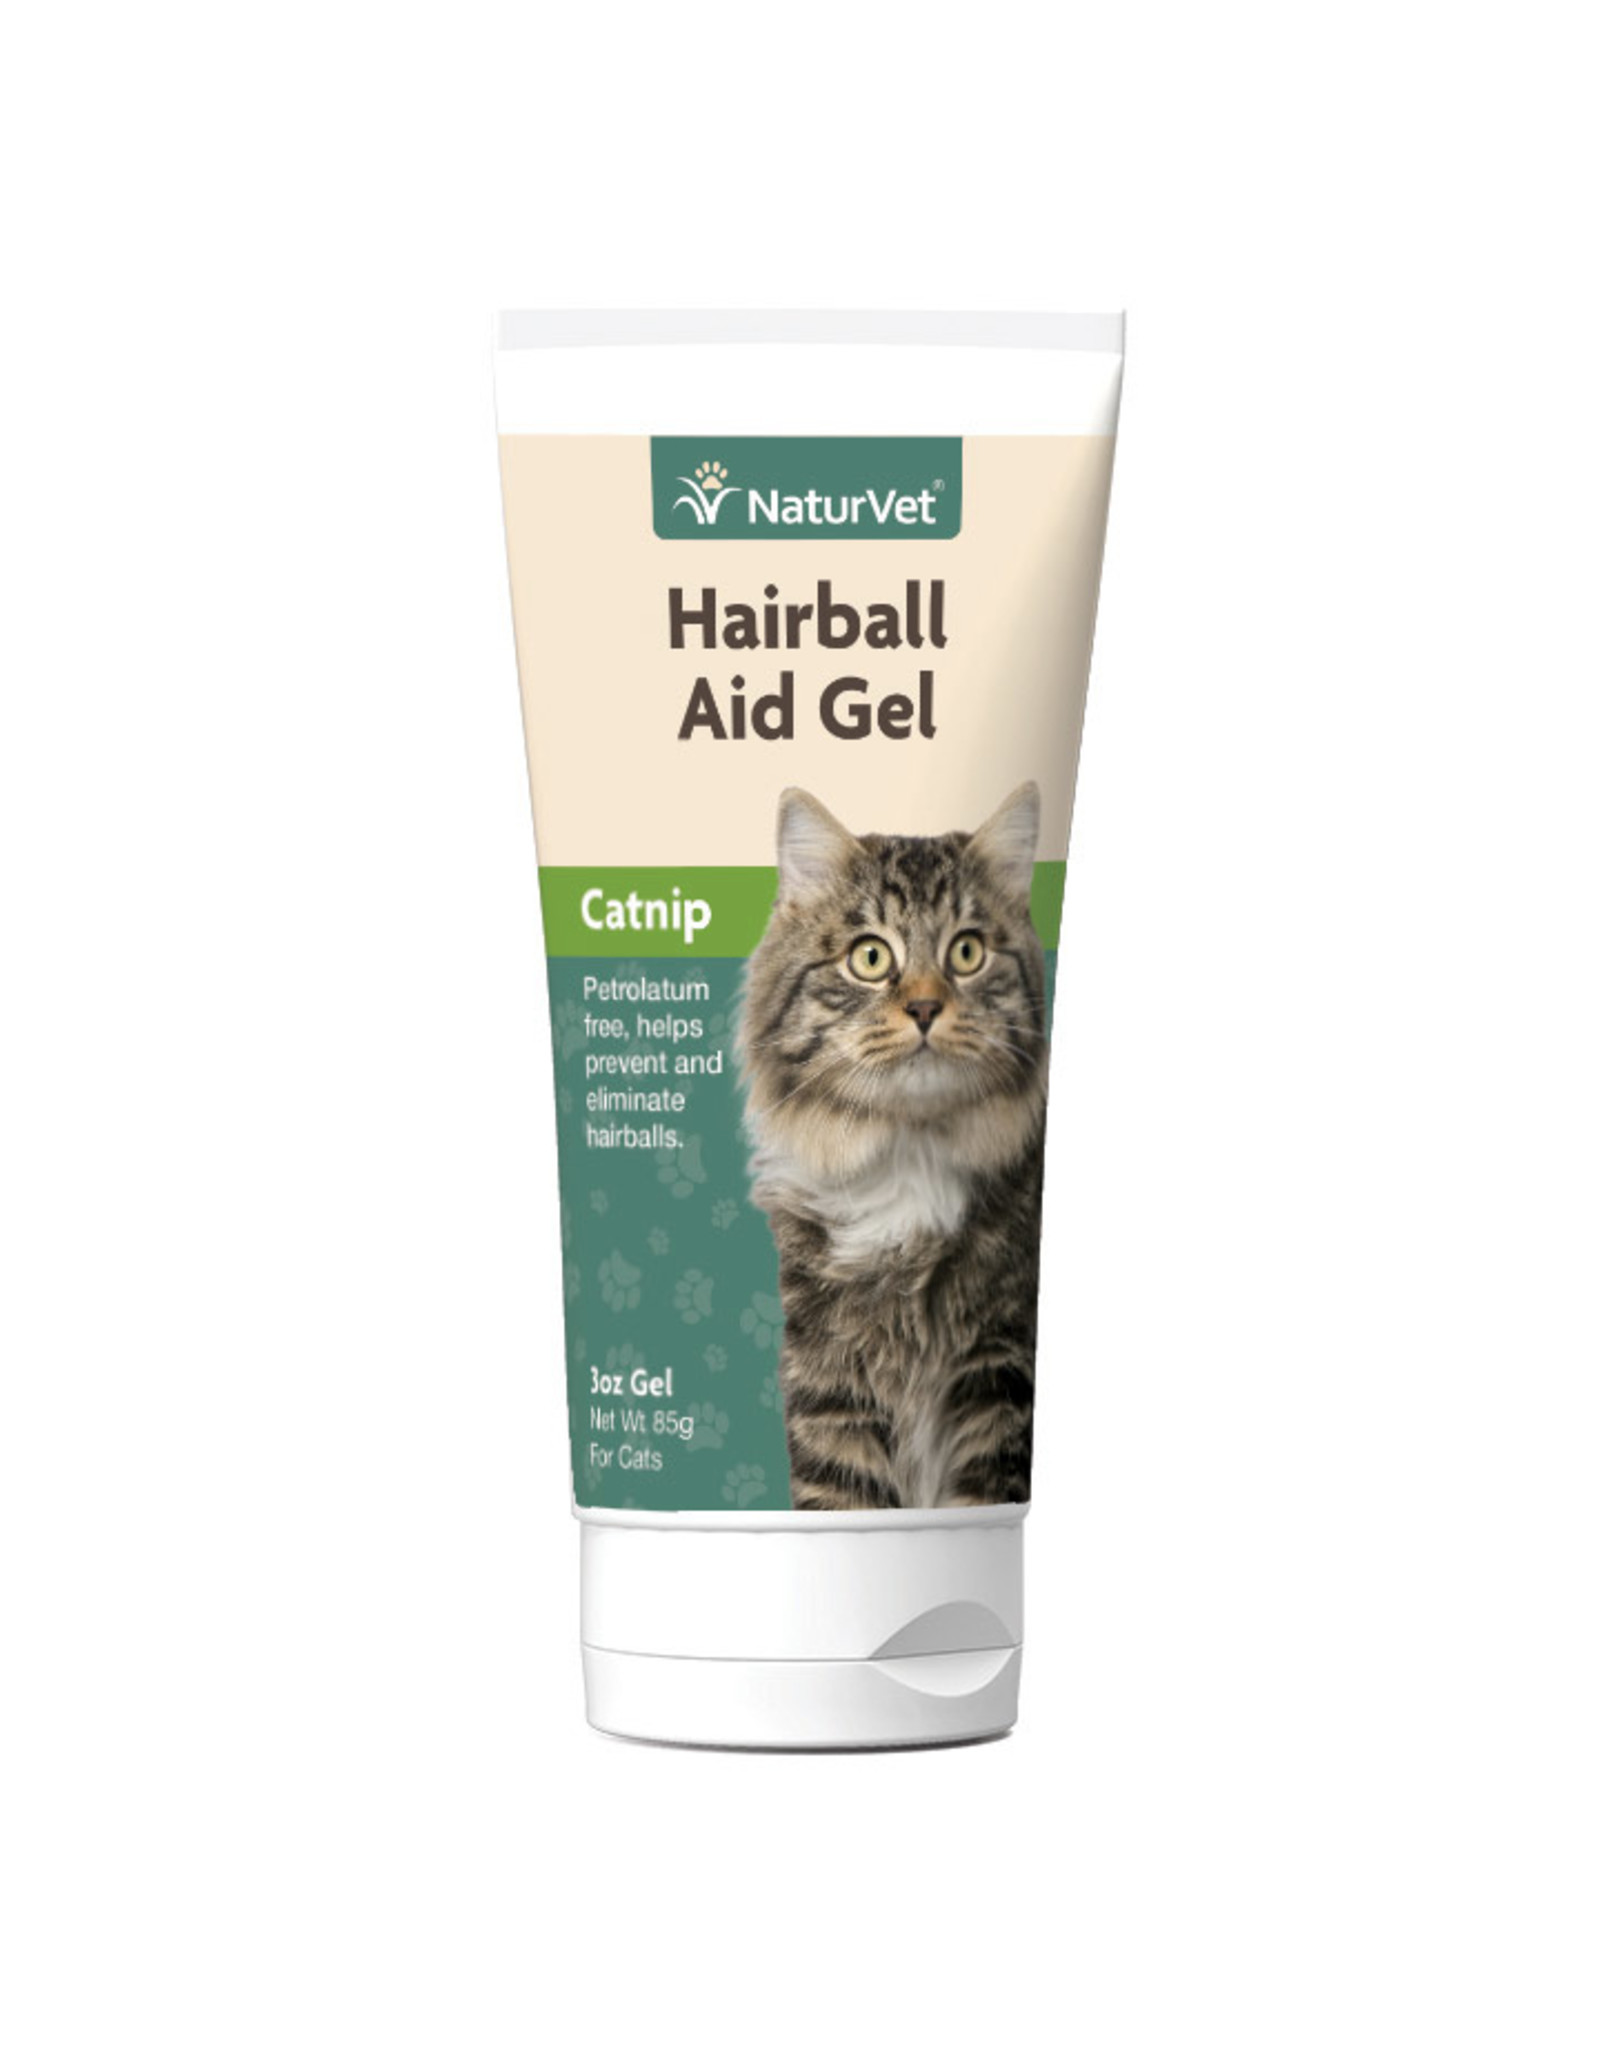 naturVet NaturVet Cat Hairball Aid Gel Catnip Flavor 3oz